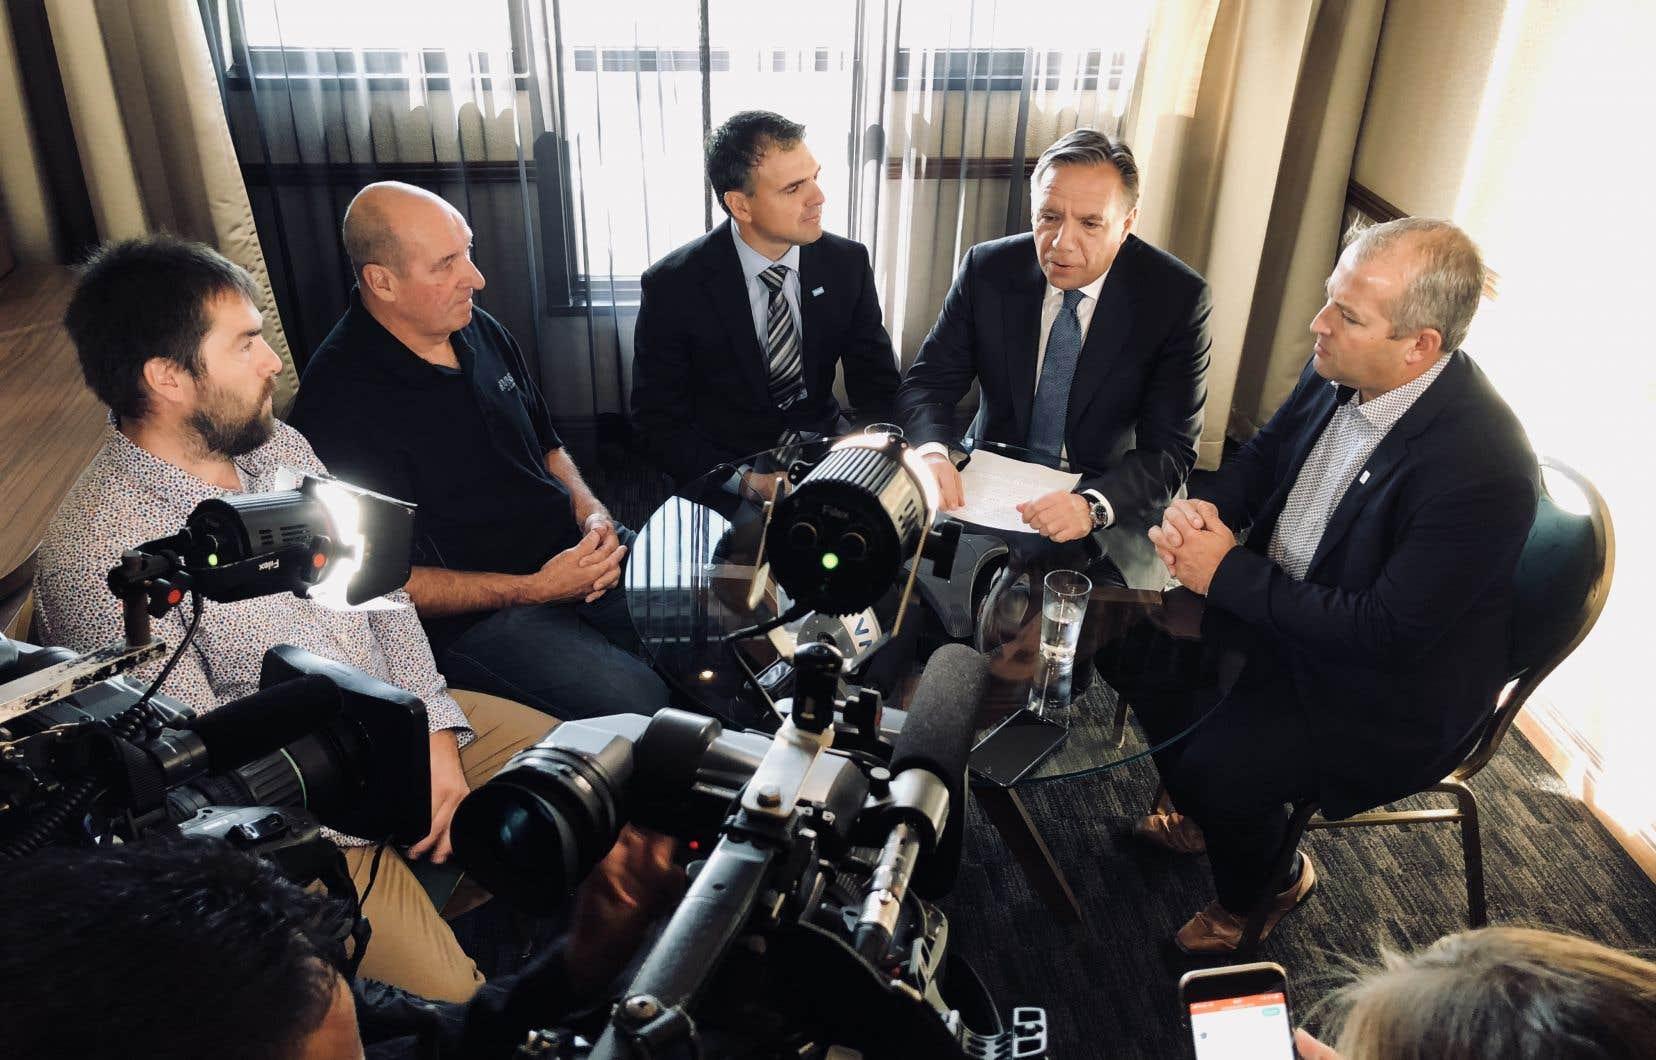 Entouré de quatre représentants régionaux de l'UPA, de producteurs laitiers et de producteurs bovins, M.Legault a tenu une courte conférence téléphonique dans une petite suite de l'hôtel où logeait la caravane, arrivée jeudi soir du Bas-Saint-Laurent.